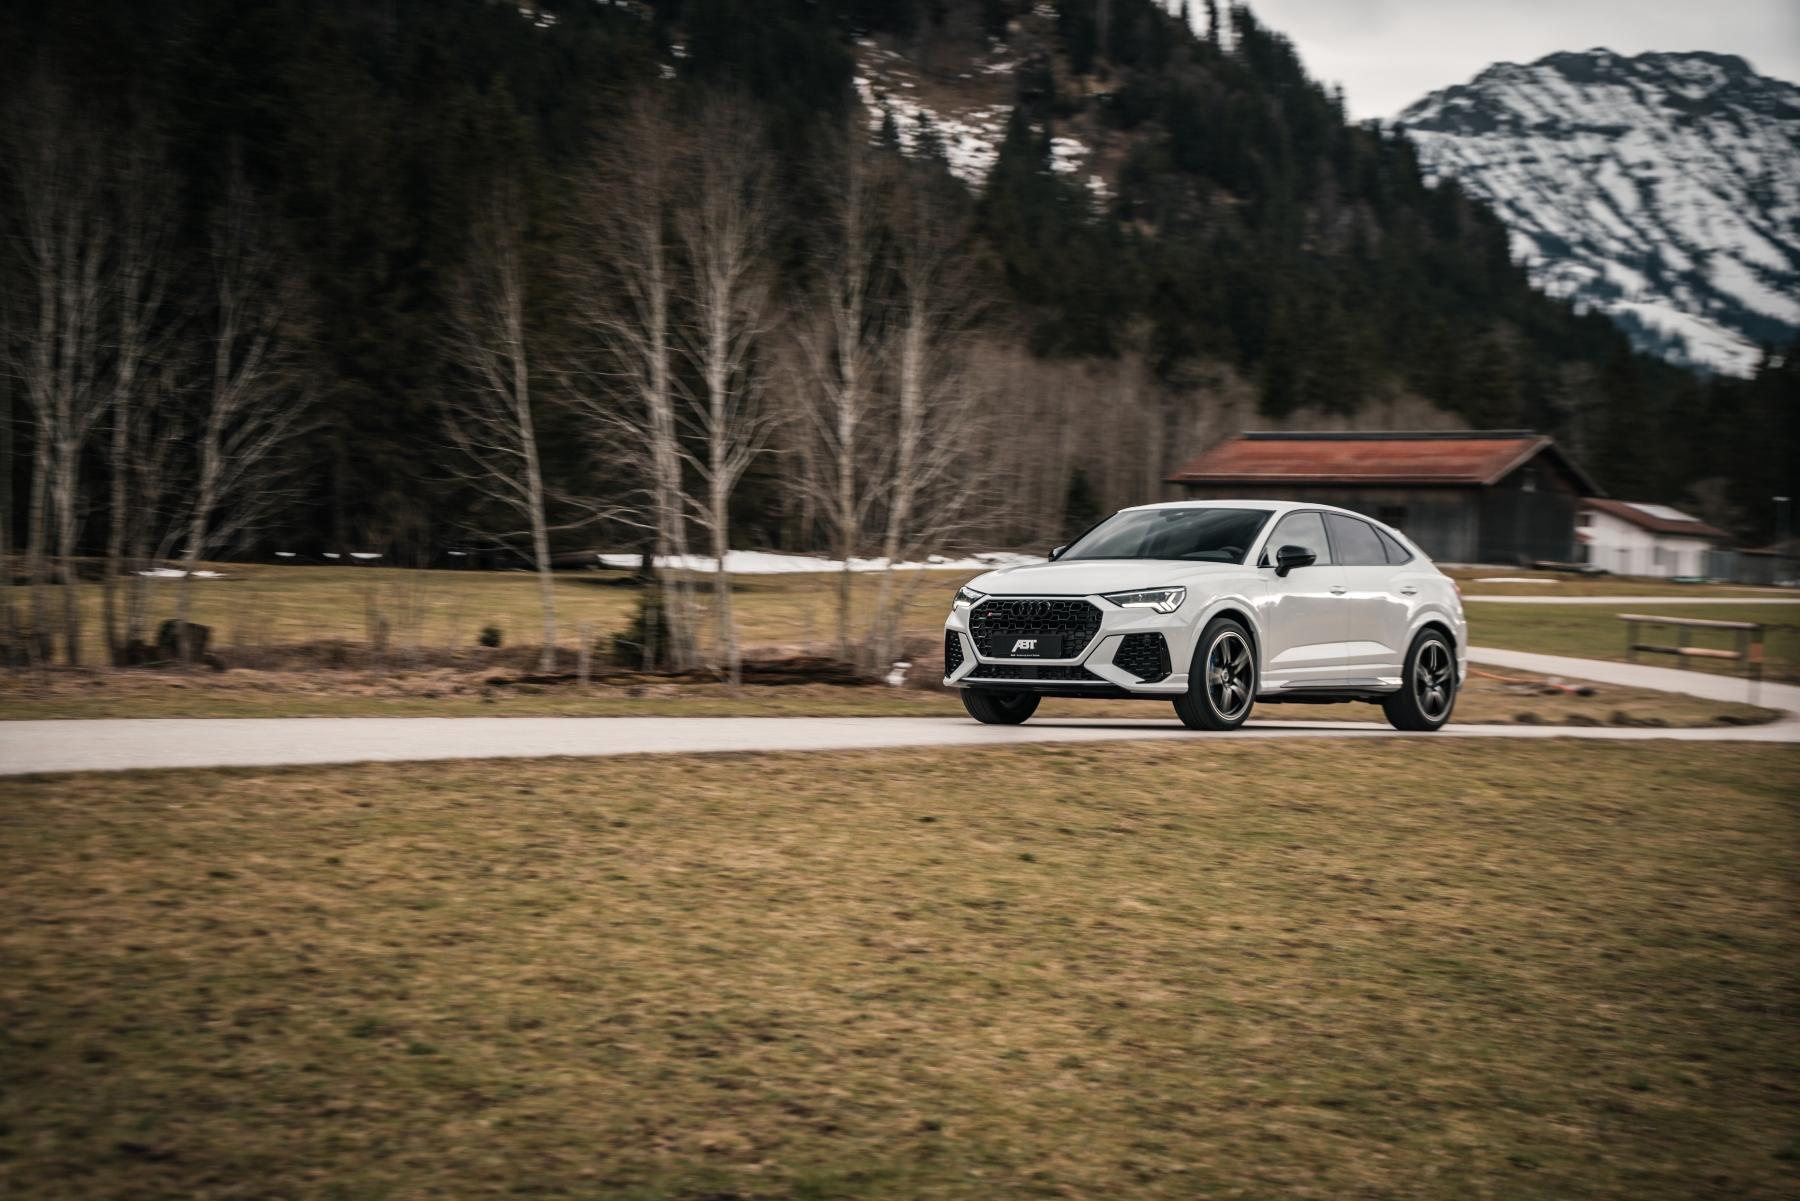 """Audi RS Q3 od ABT, alebo keď """"obyčajné"""" RS nestačí w2SVFaVWUM abt-audi-rs-q3-9"""